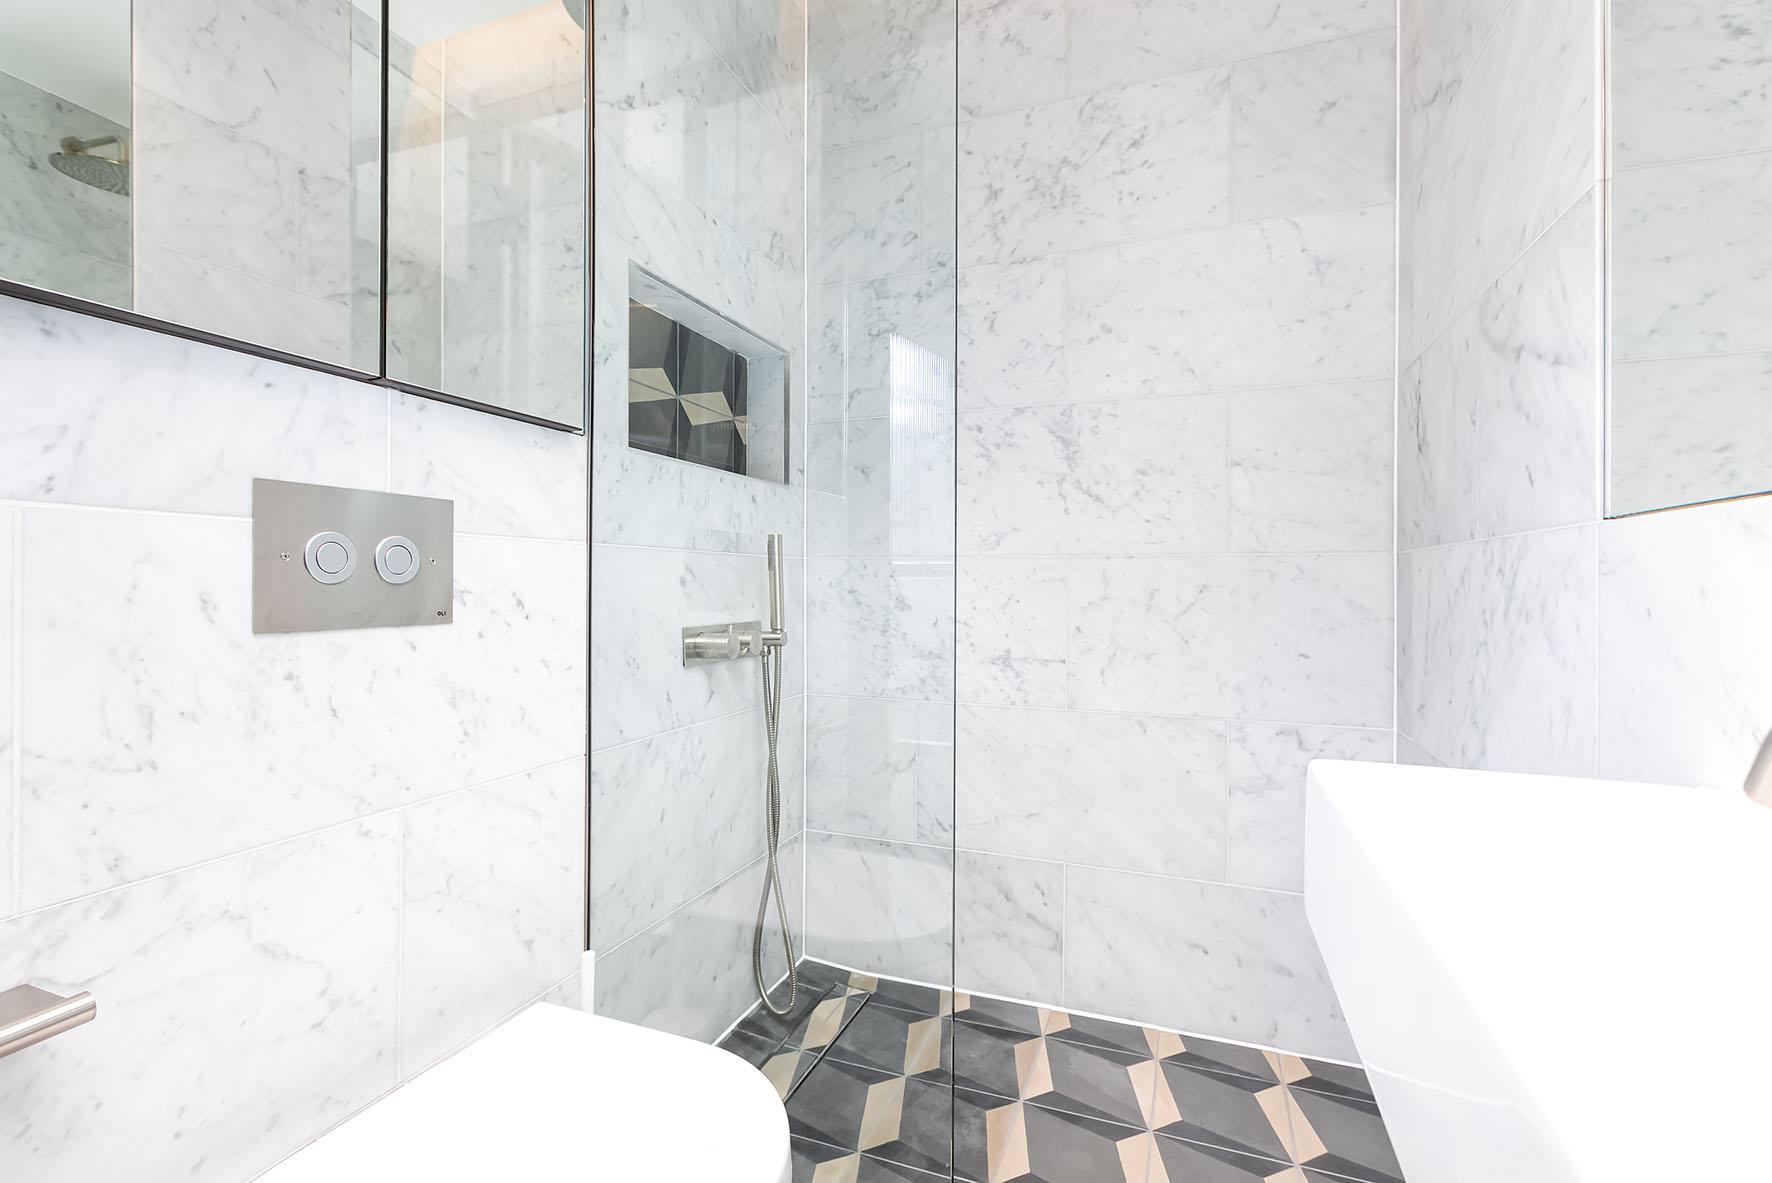 Lovelydays luxury service apartment rental - London - Soho - Noel Street VI - Lovelysuite - 2 bedrooms - 2 bathrooms - Lovely shower - luxury apartment in london - 895a2c31eba9 - Lovelydays